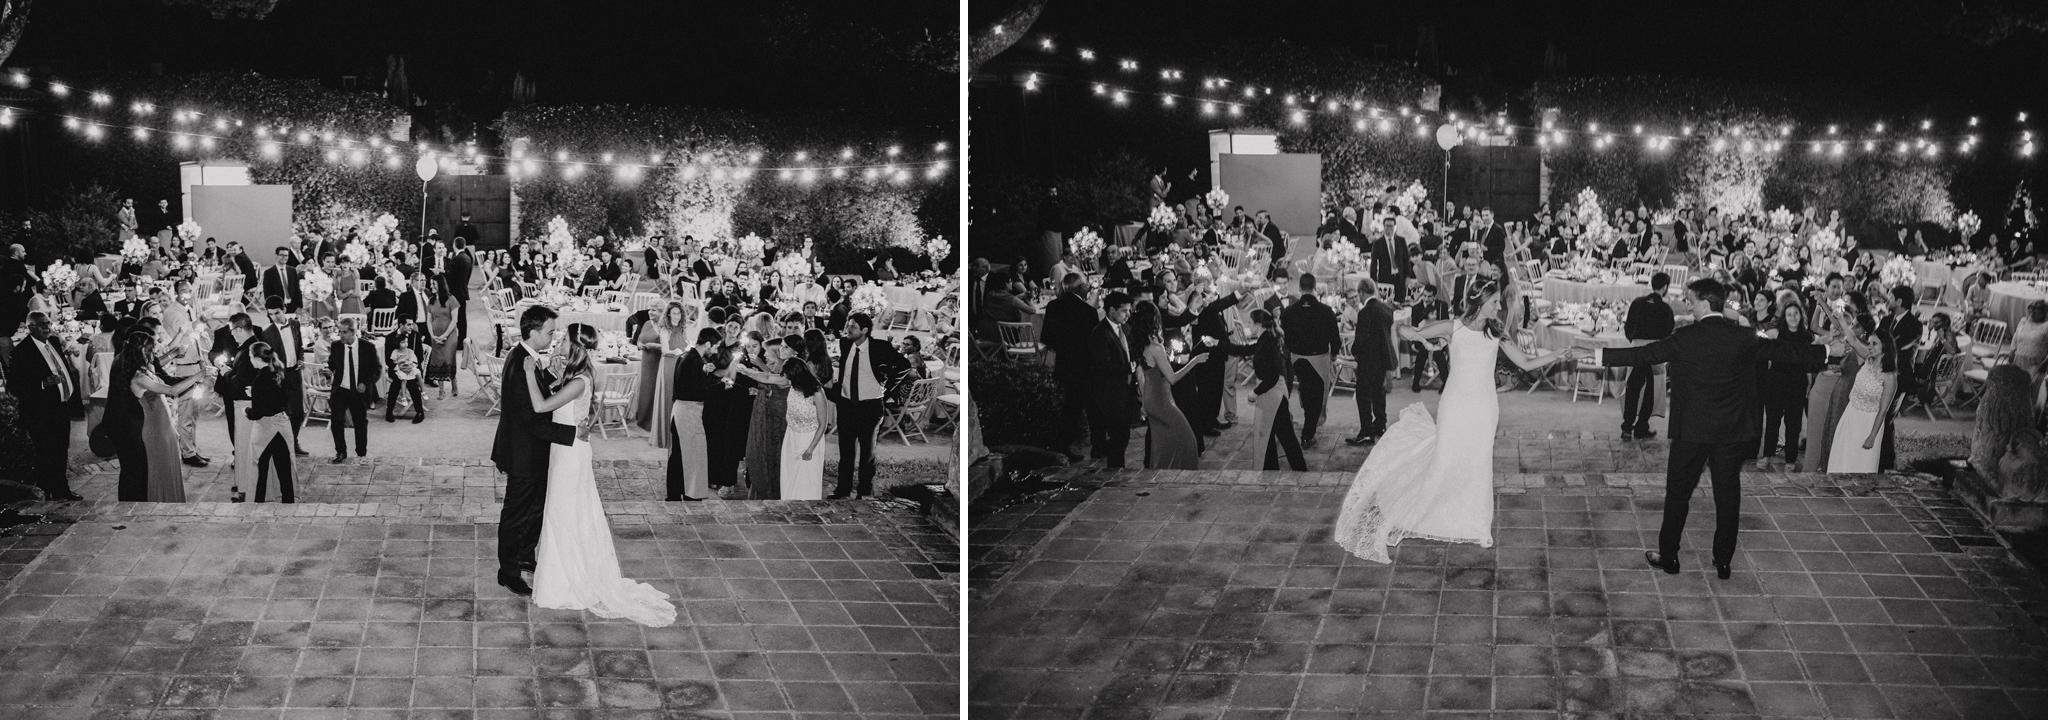 fotografia bodas torre dels lleons0087.jpg